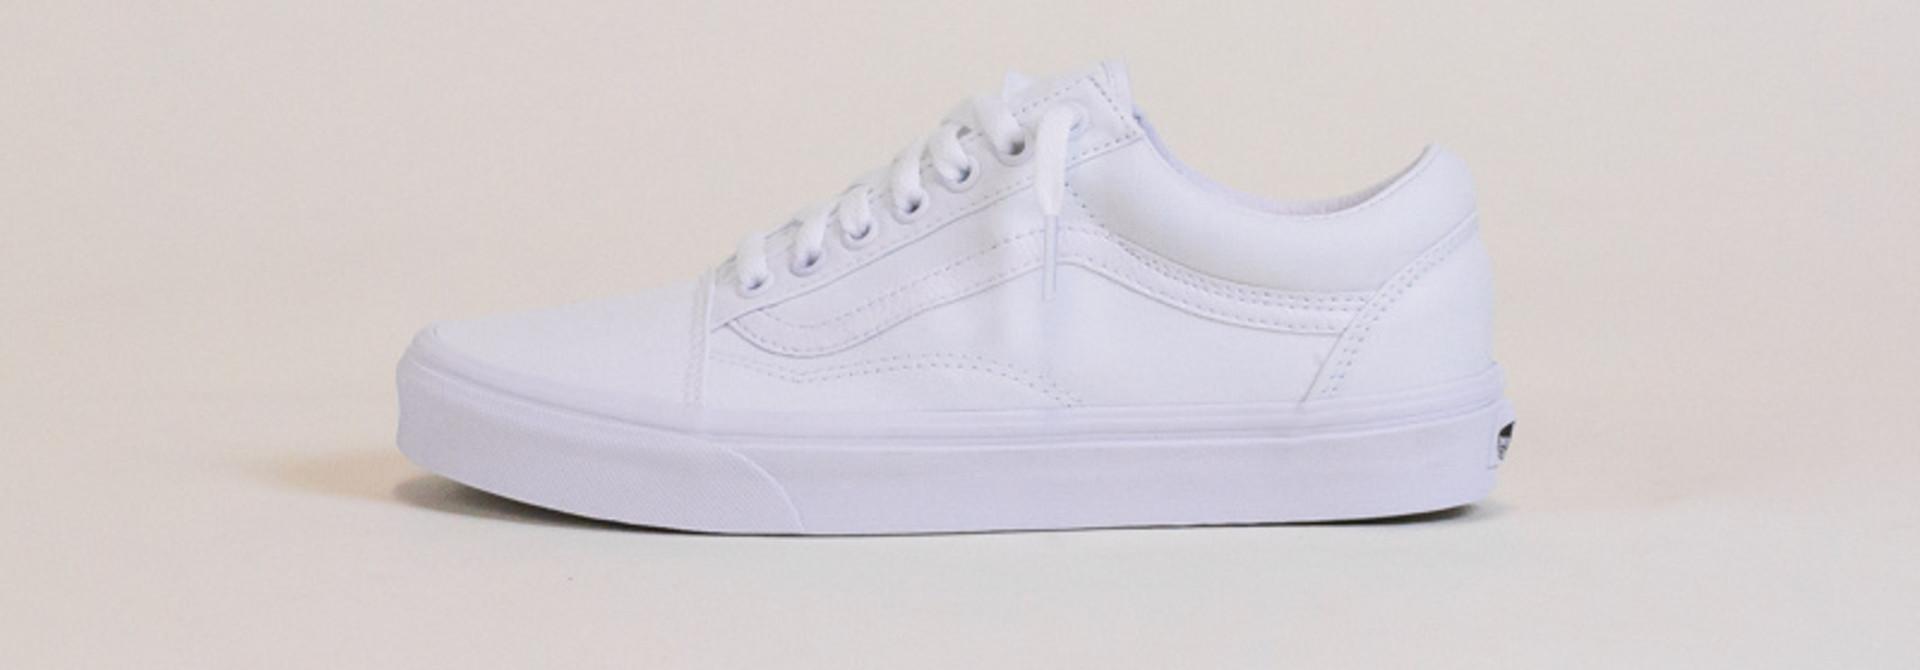 Vans Old Skool - White